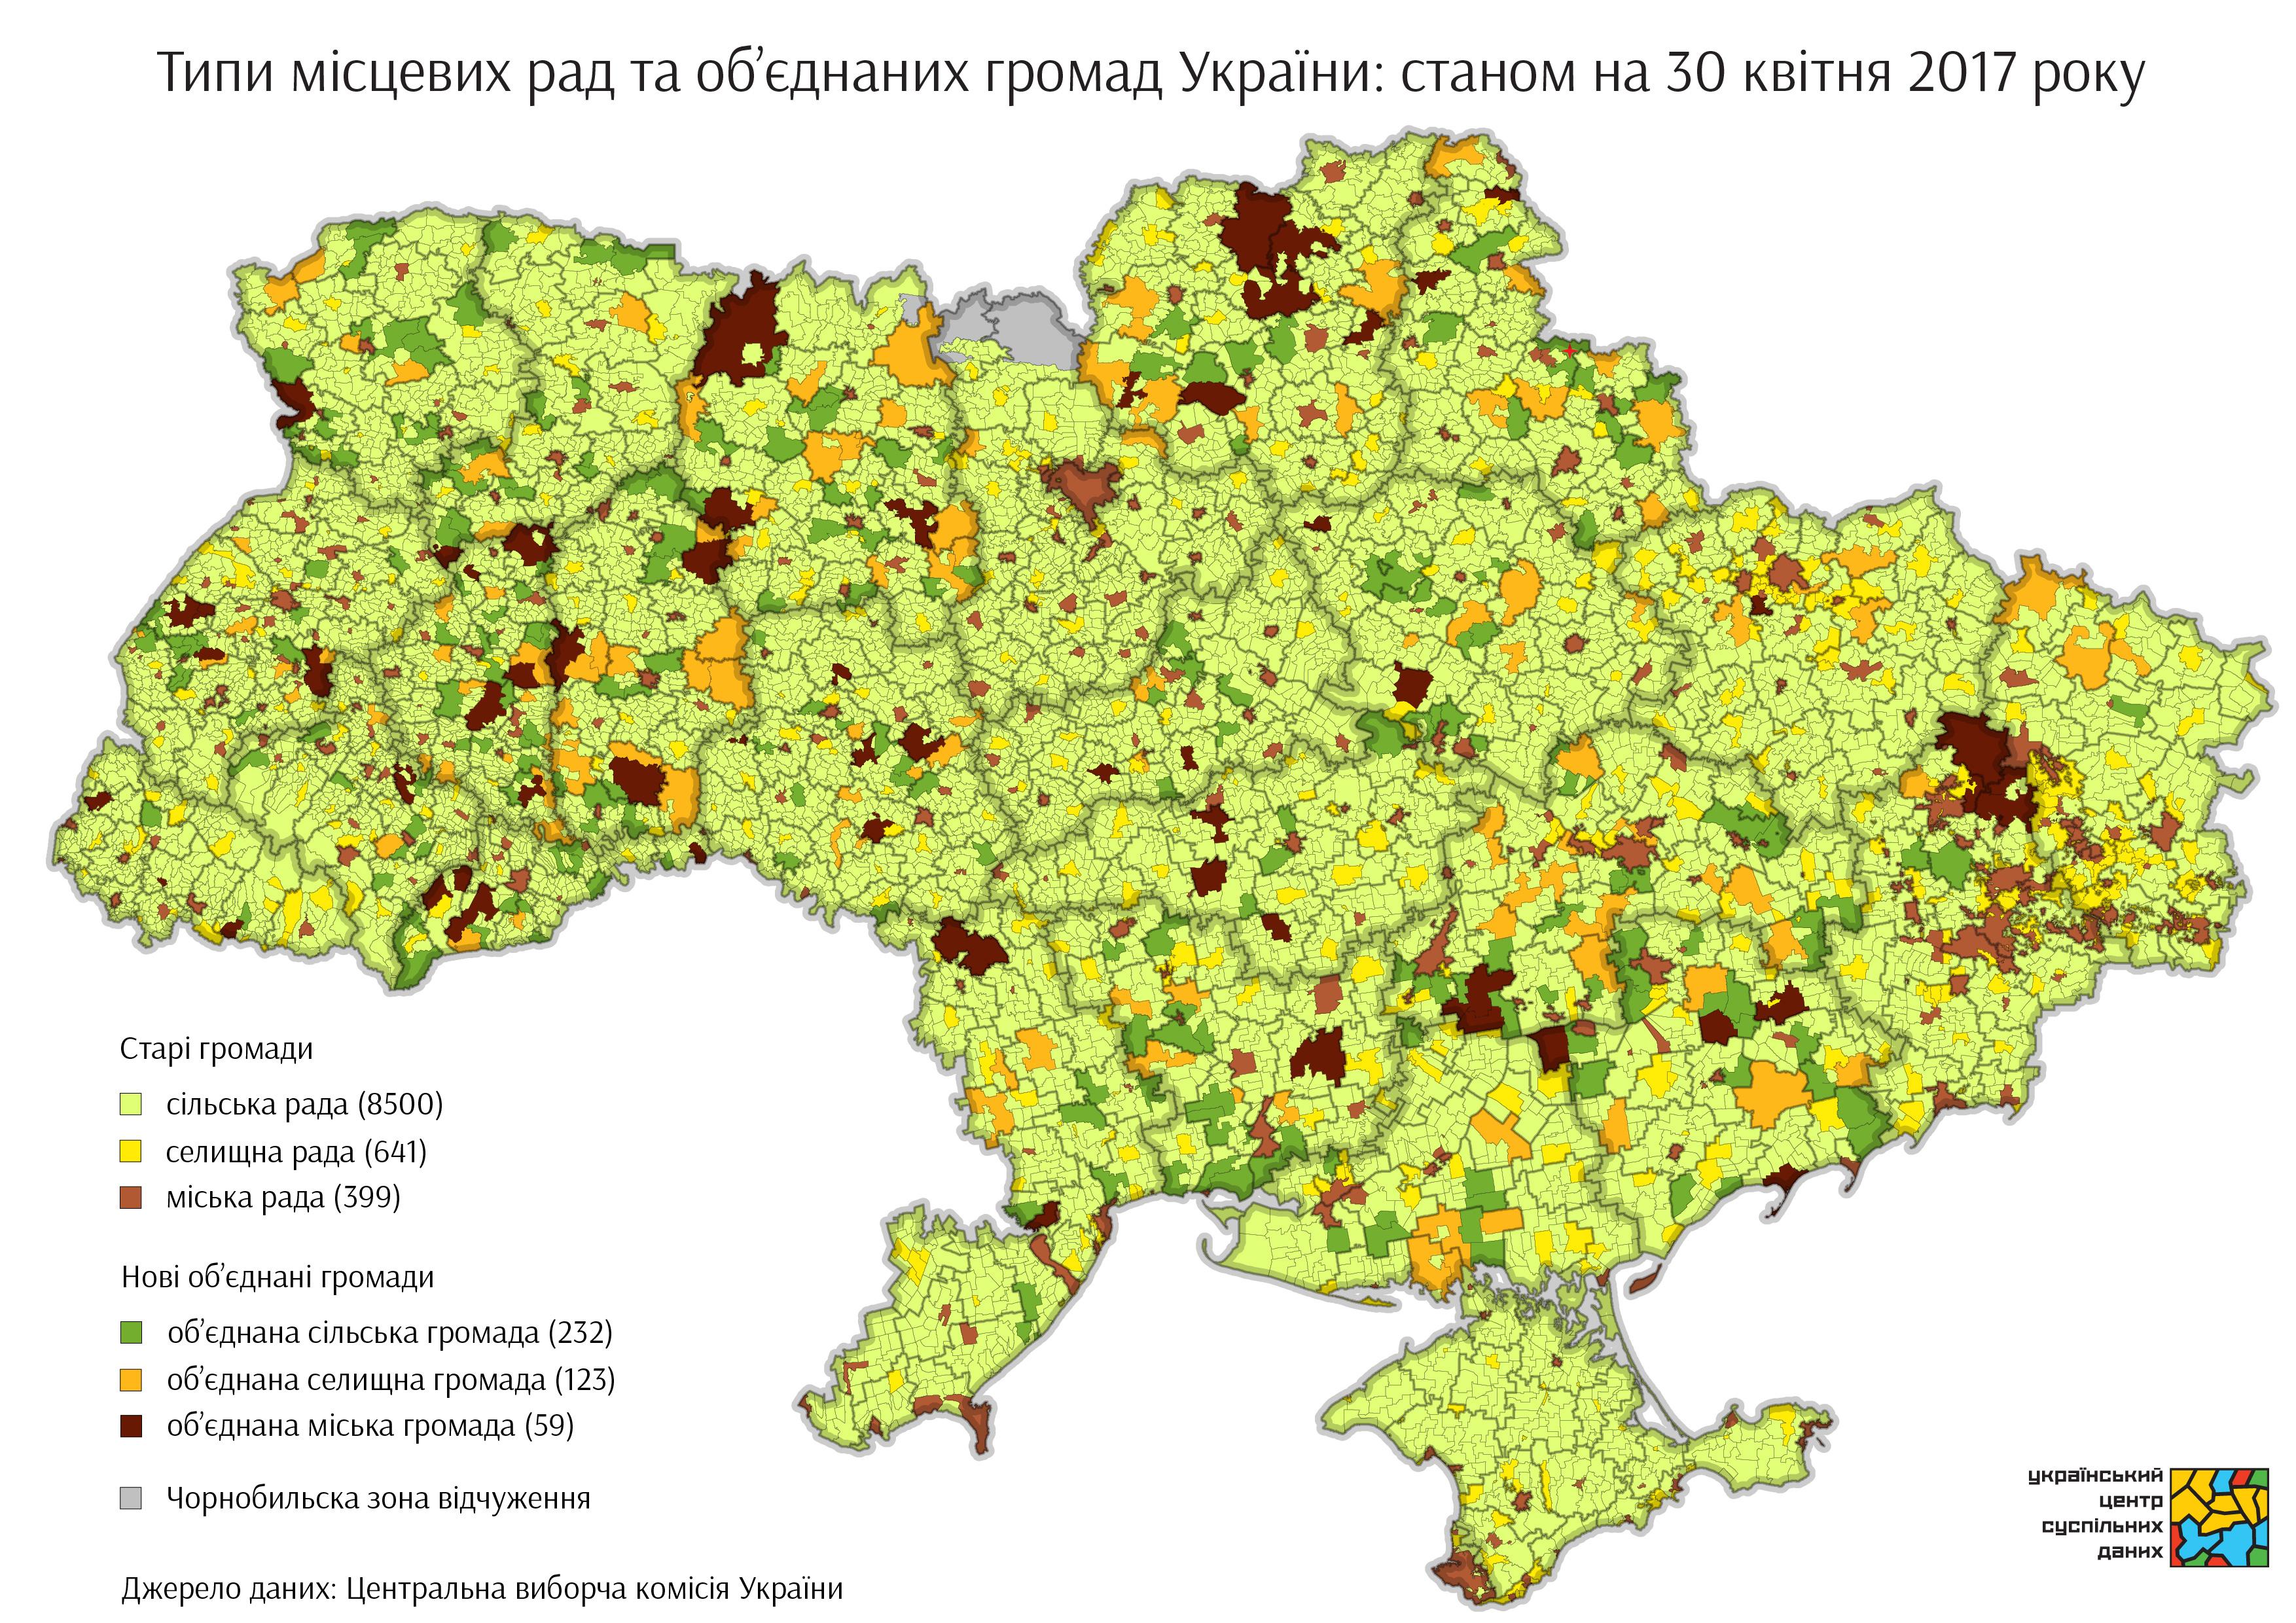 Decentralization Ukraine_new_communities_type_May2017-01